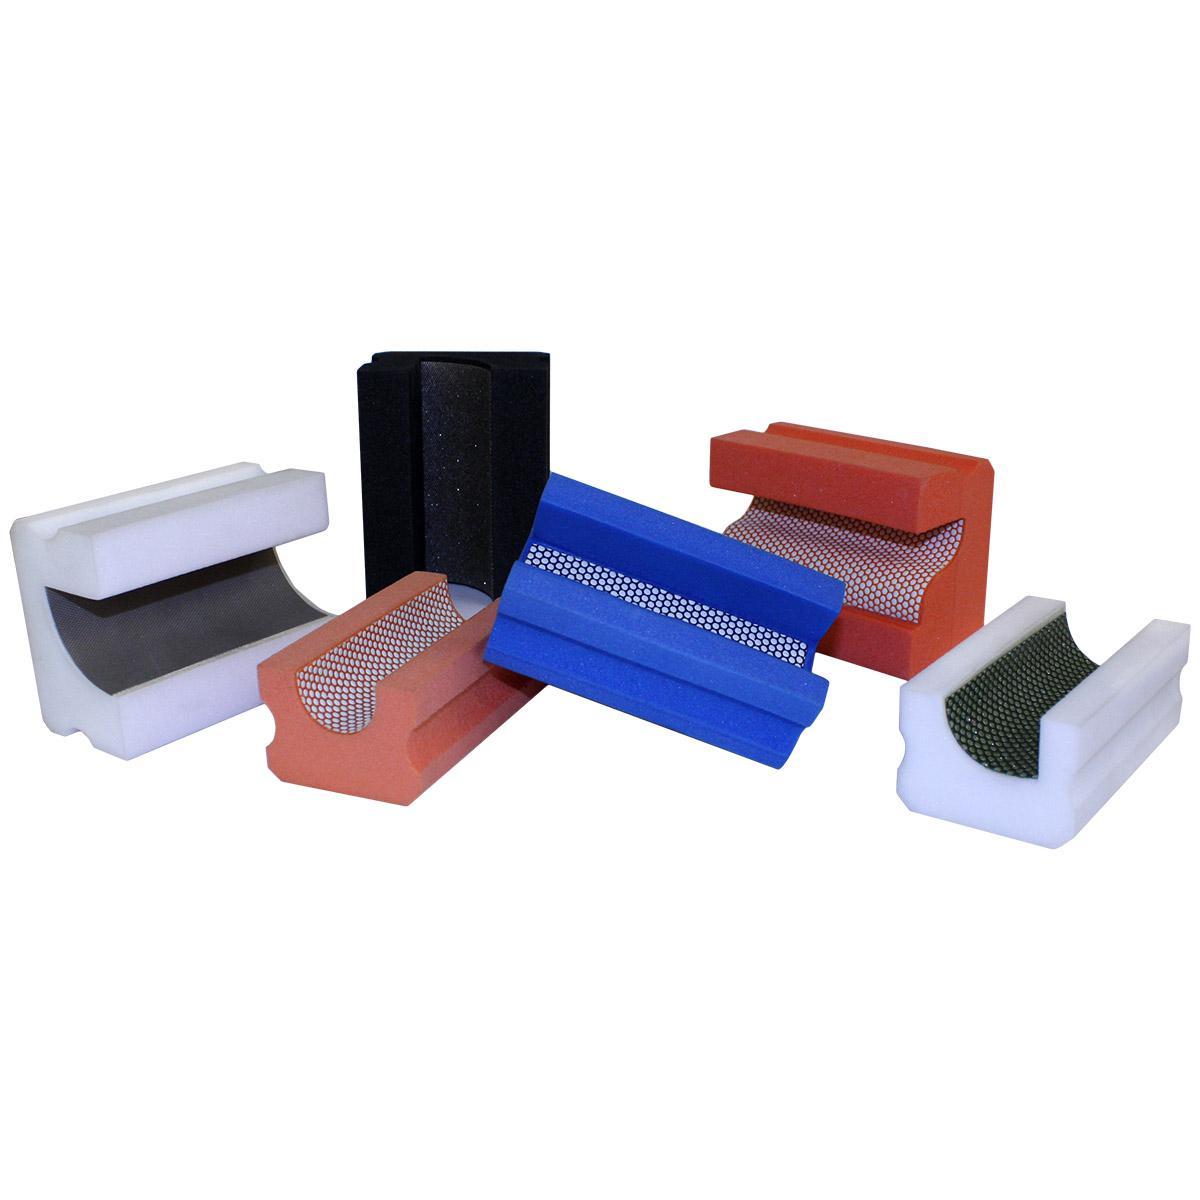 Затир ручной (профиль A) h-30 мм, зерно 400 (желтая, металл)